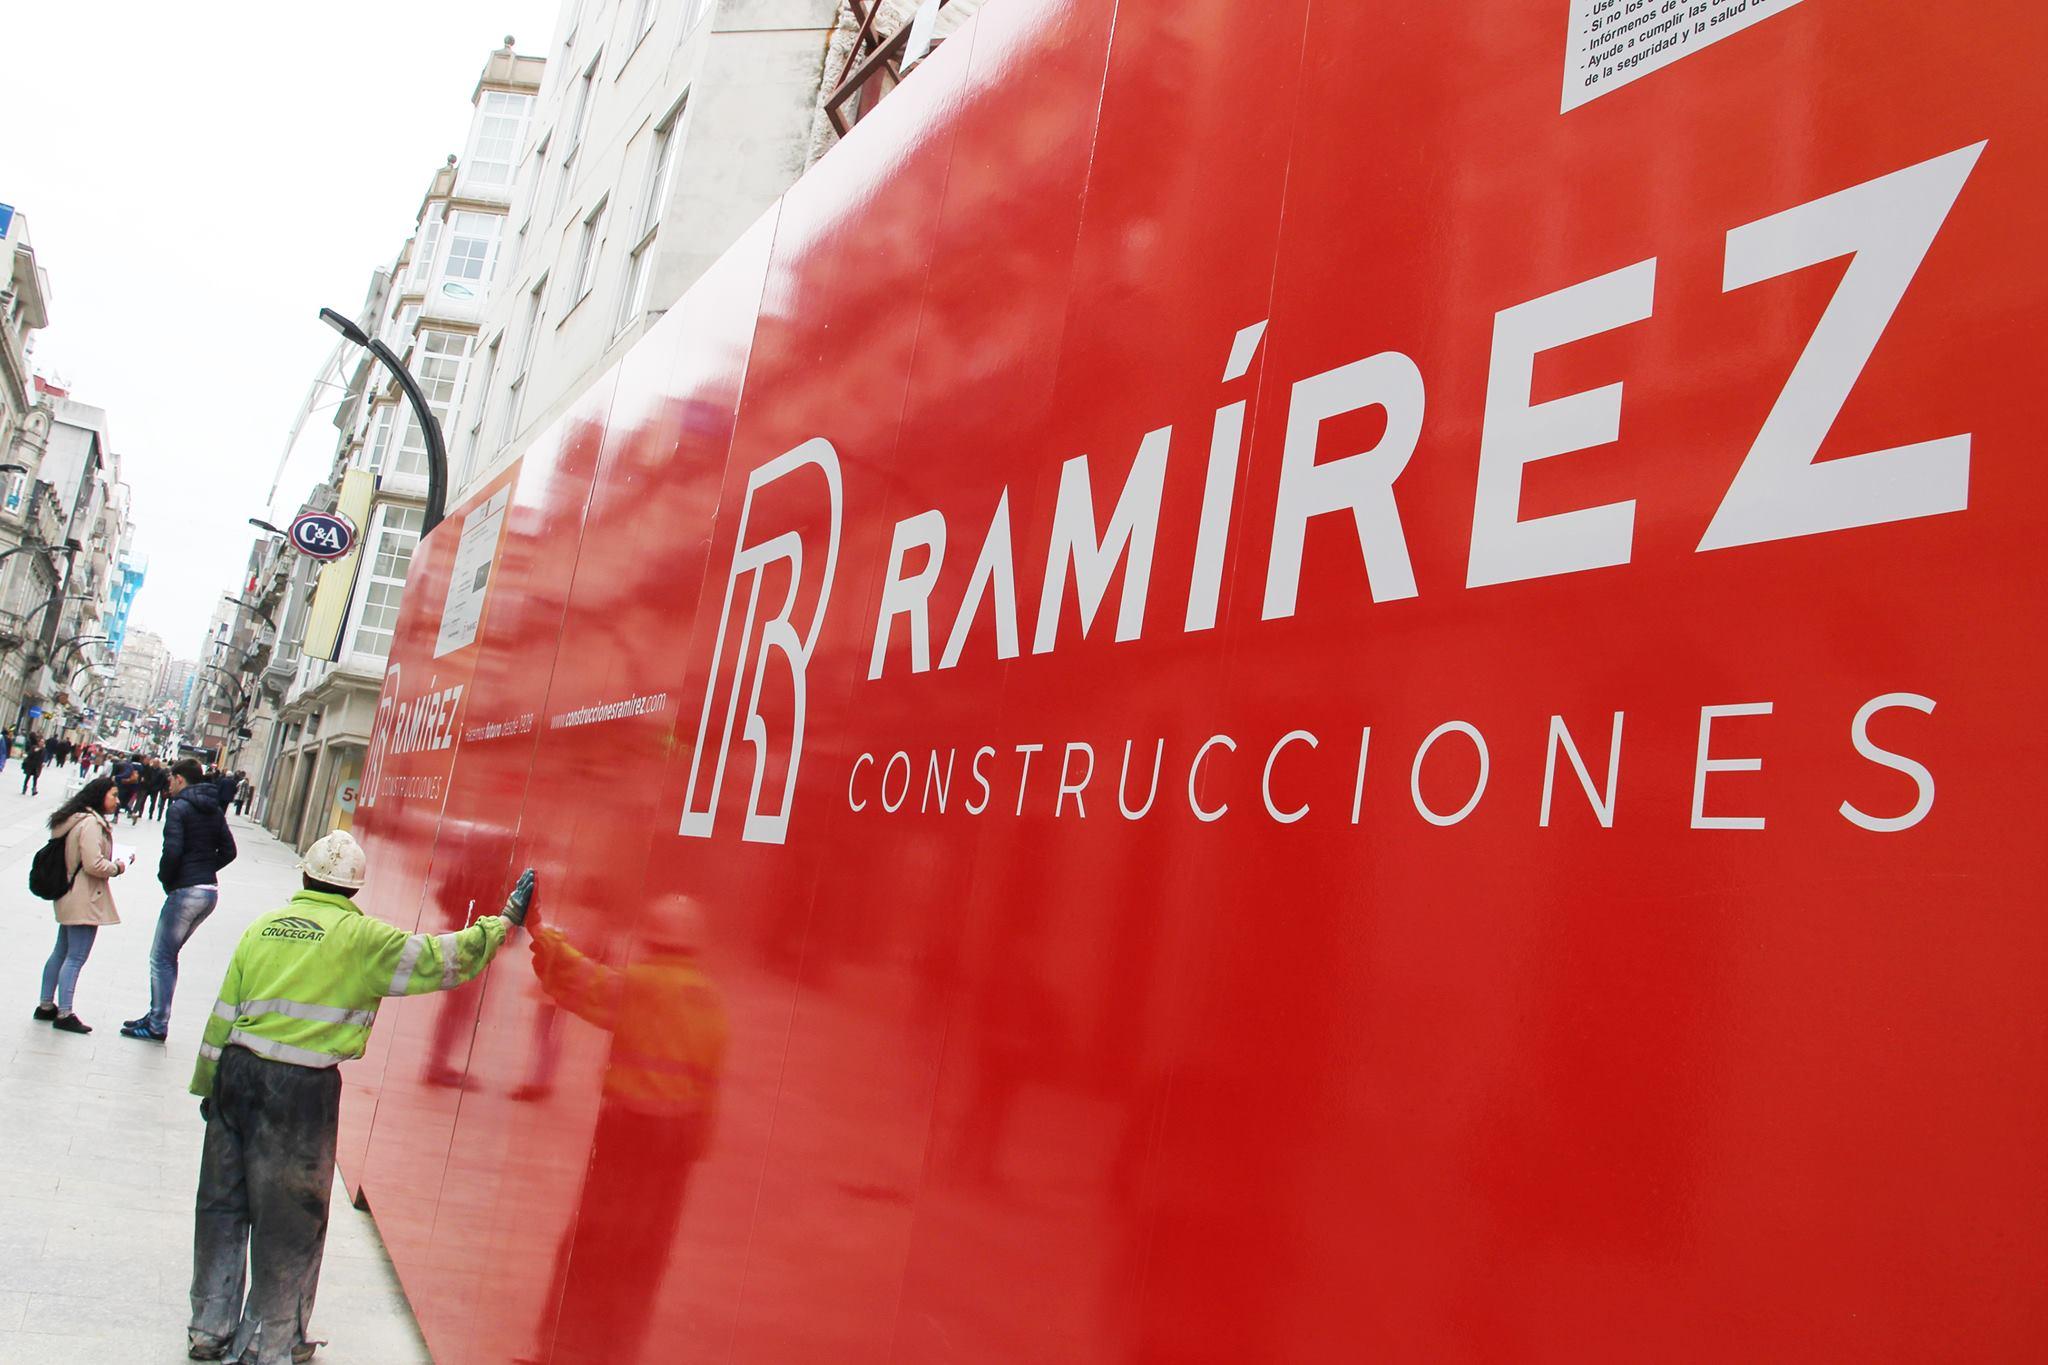 Valla Construcciones Ramírez